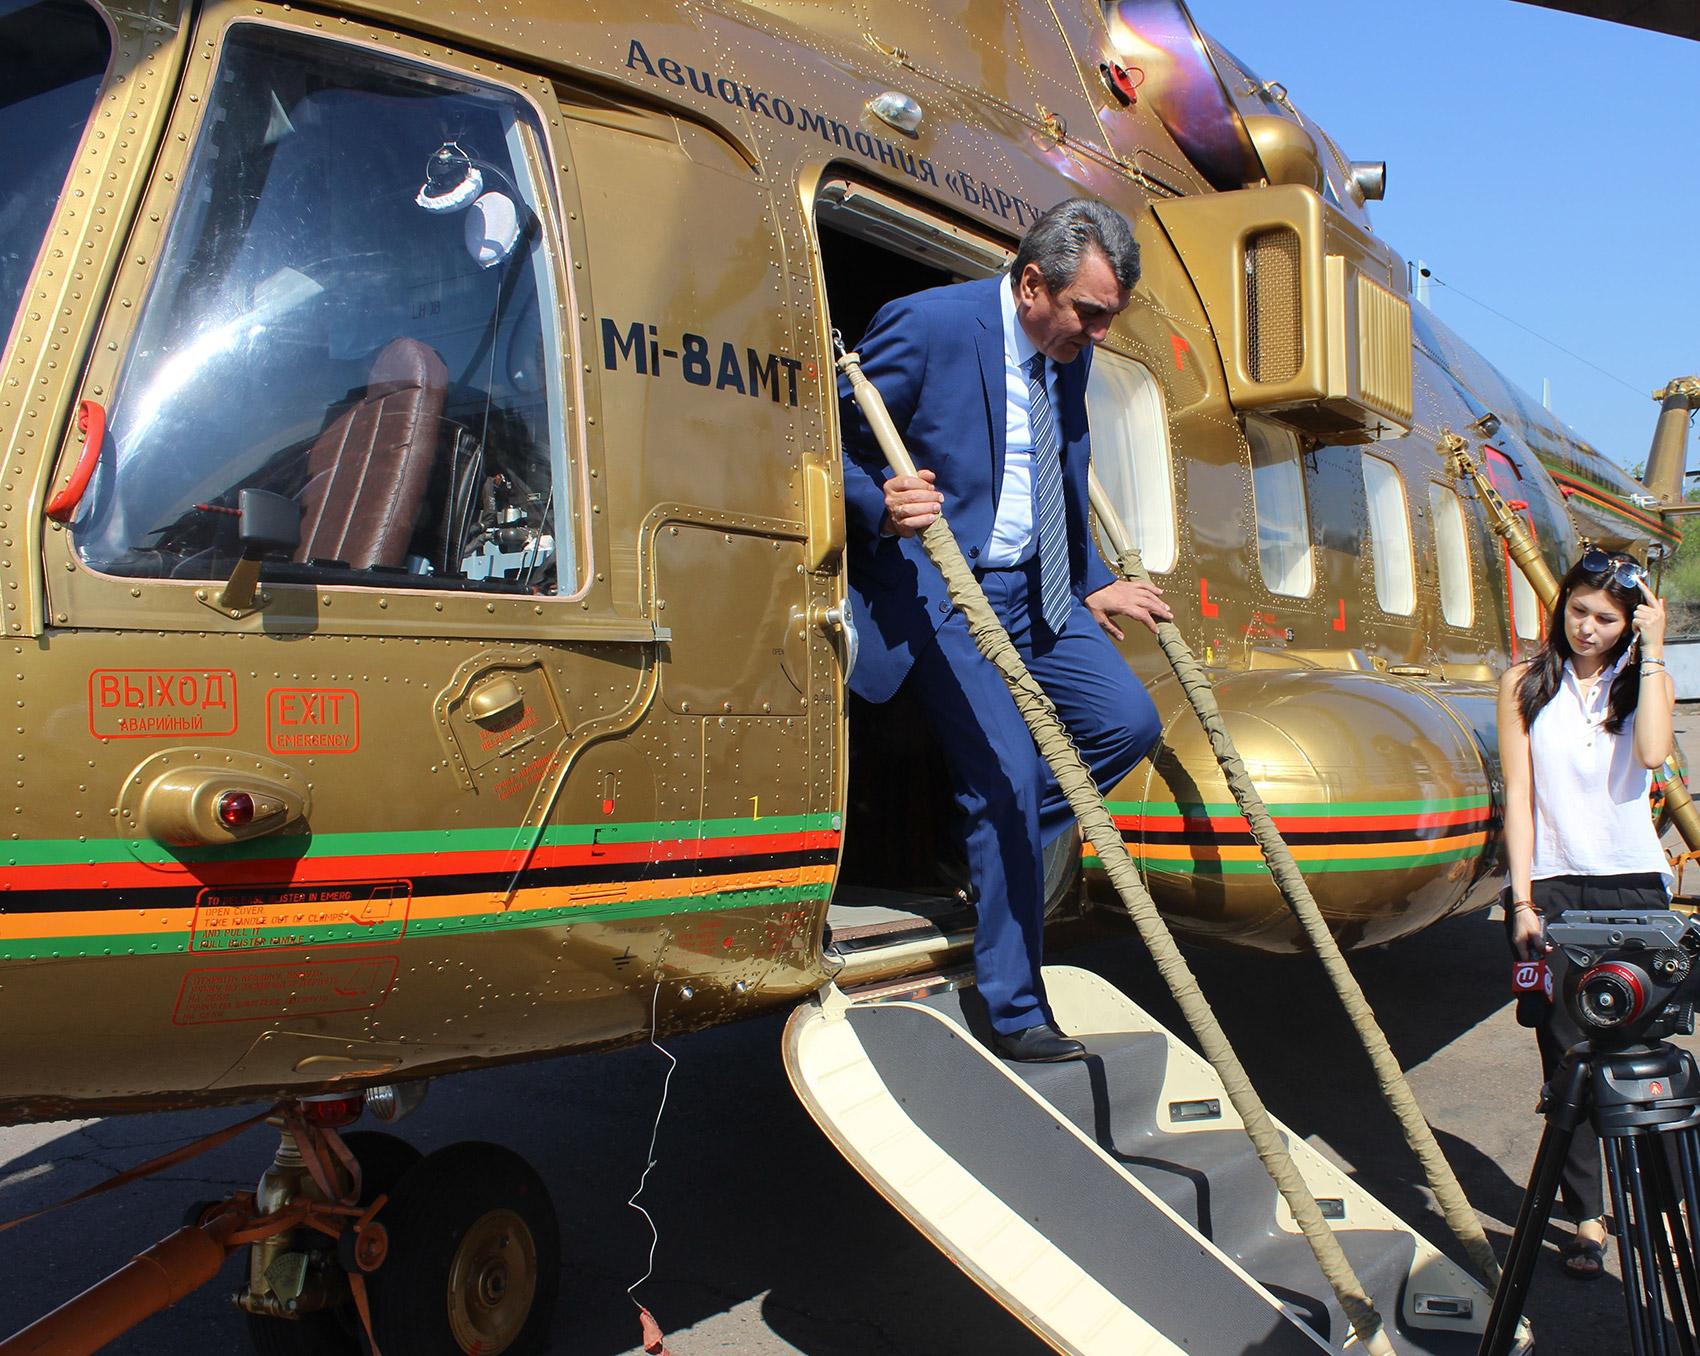 Визит полномочного представителя президента России в Сибирском федеральном округе Сергея Меняйло на Улан-Удэнский авиационный завод.